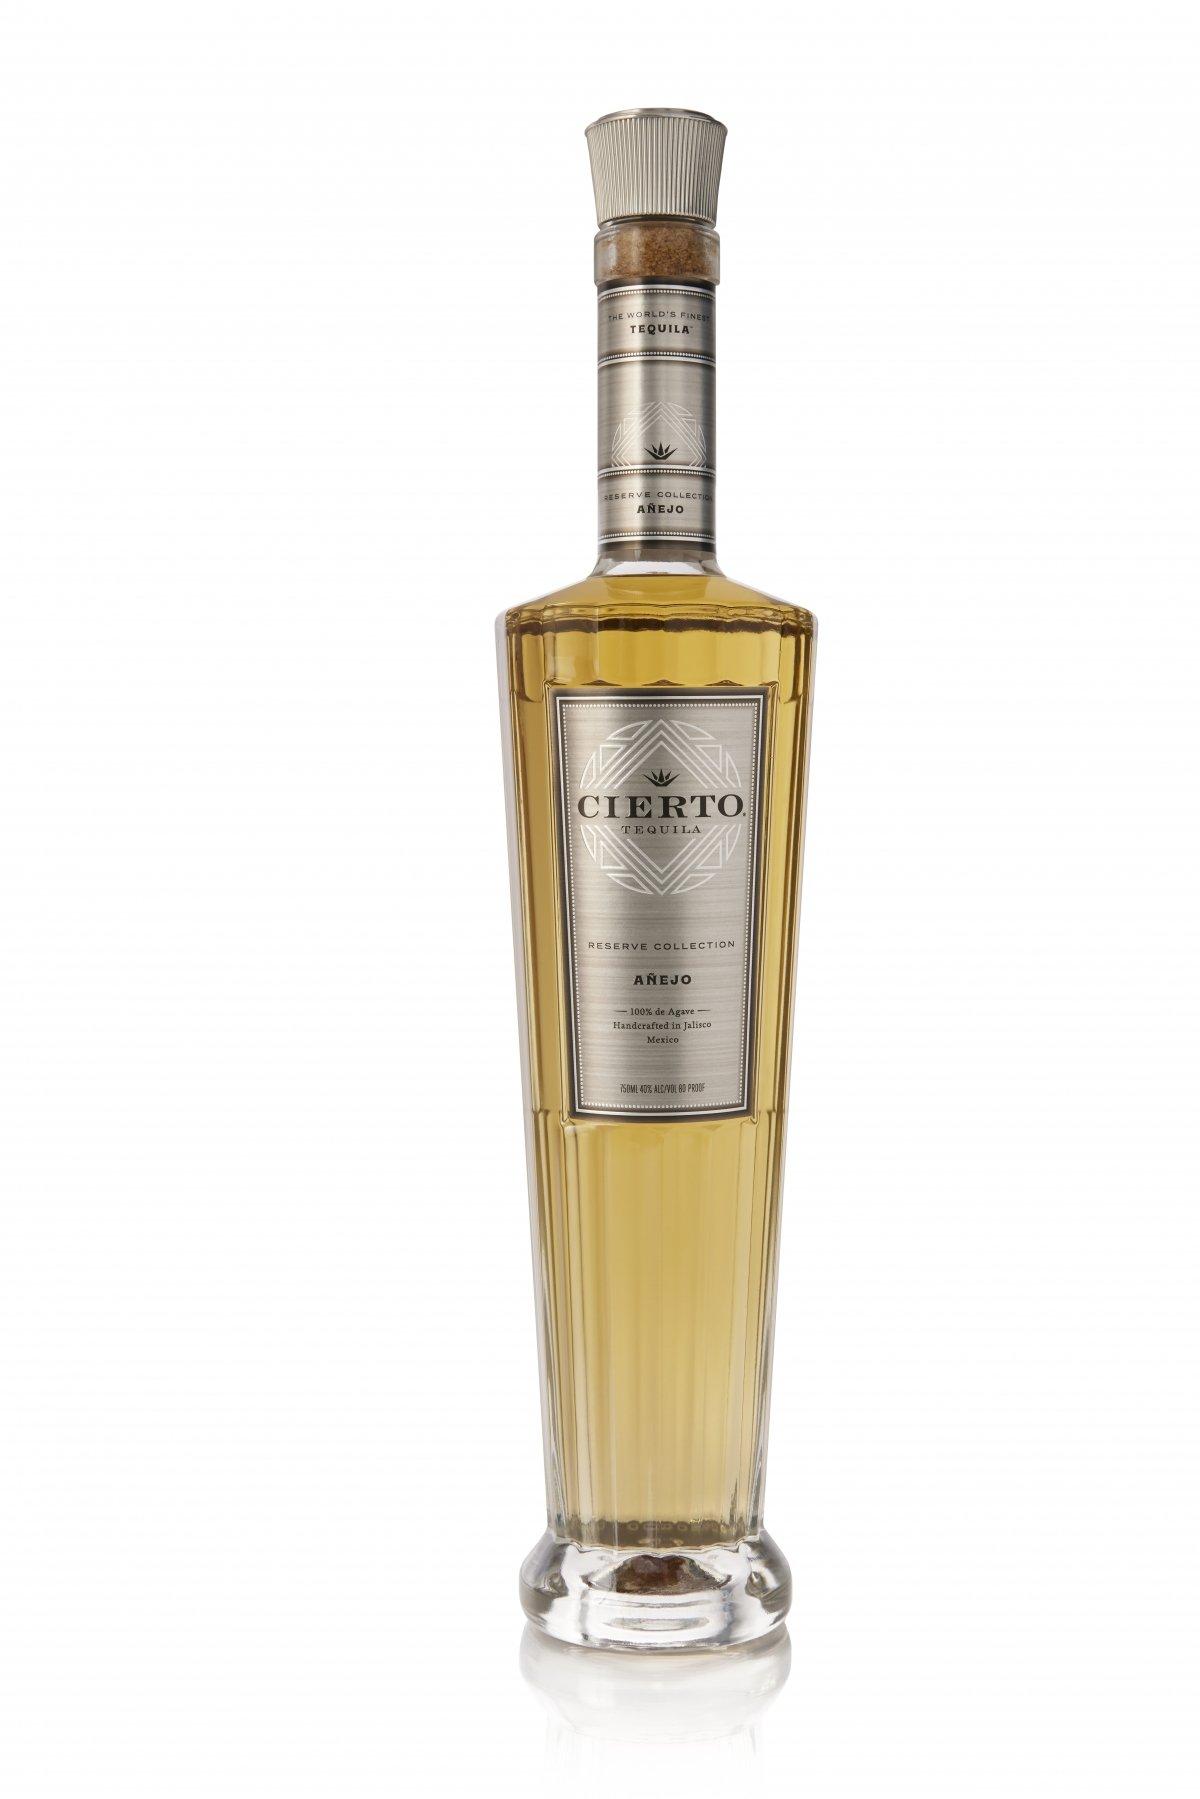 Botella de Cierto Tequila Reserve Collection Añejo